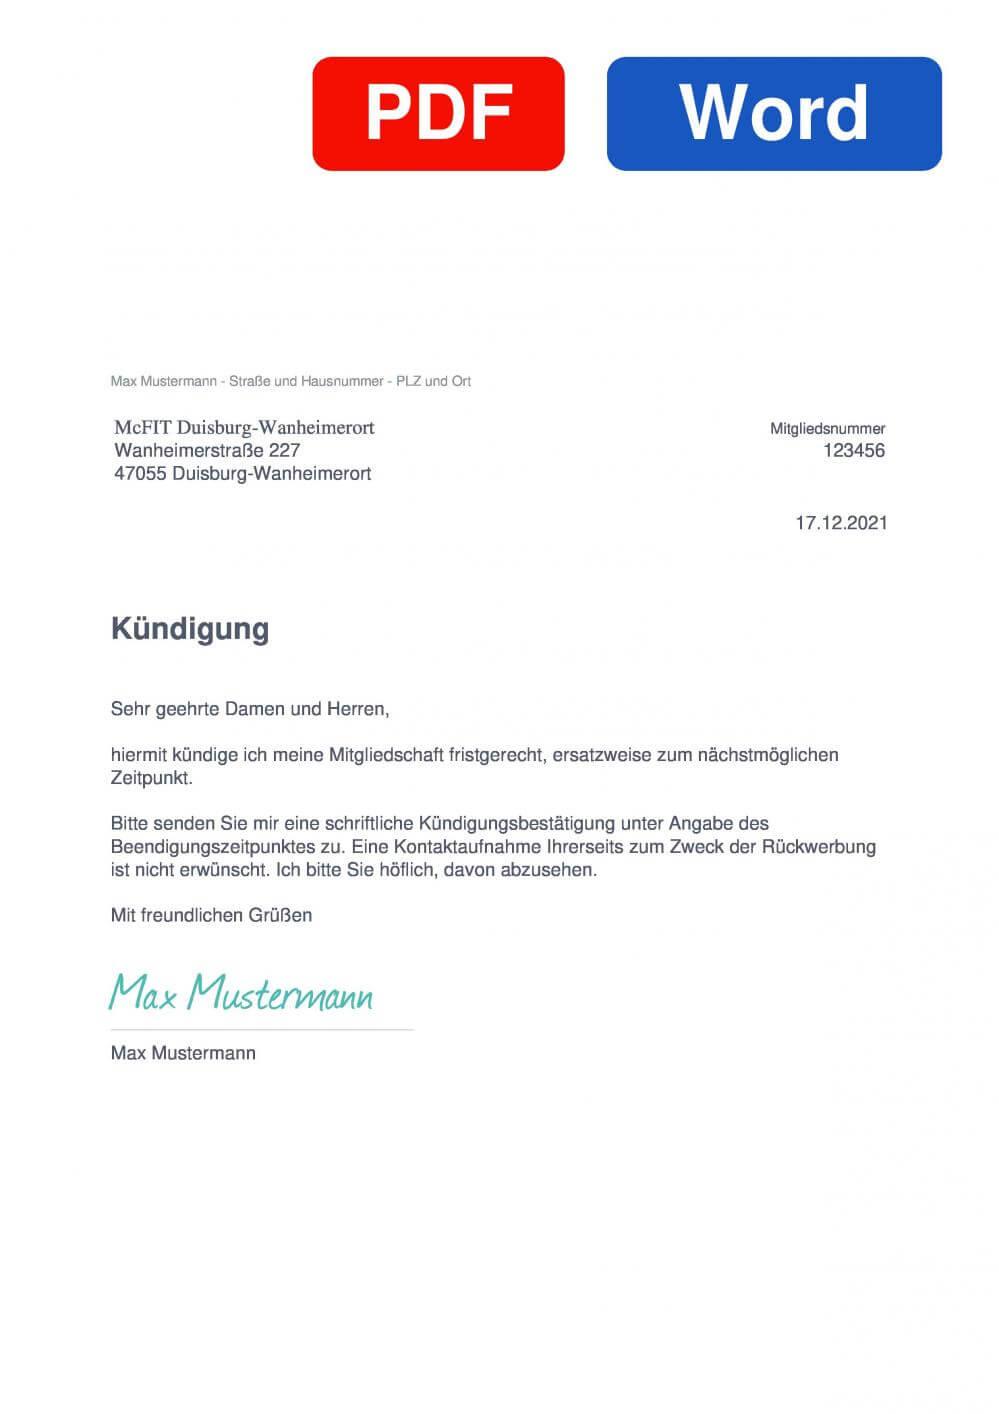 McFIT Duisburg-Wanheimerort Muster Vorlage für Kündigungsschreiben